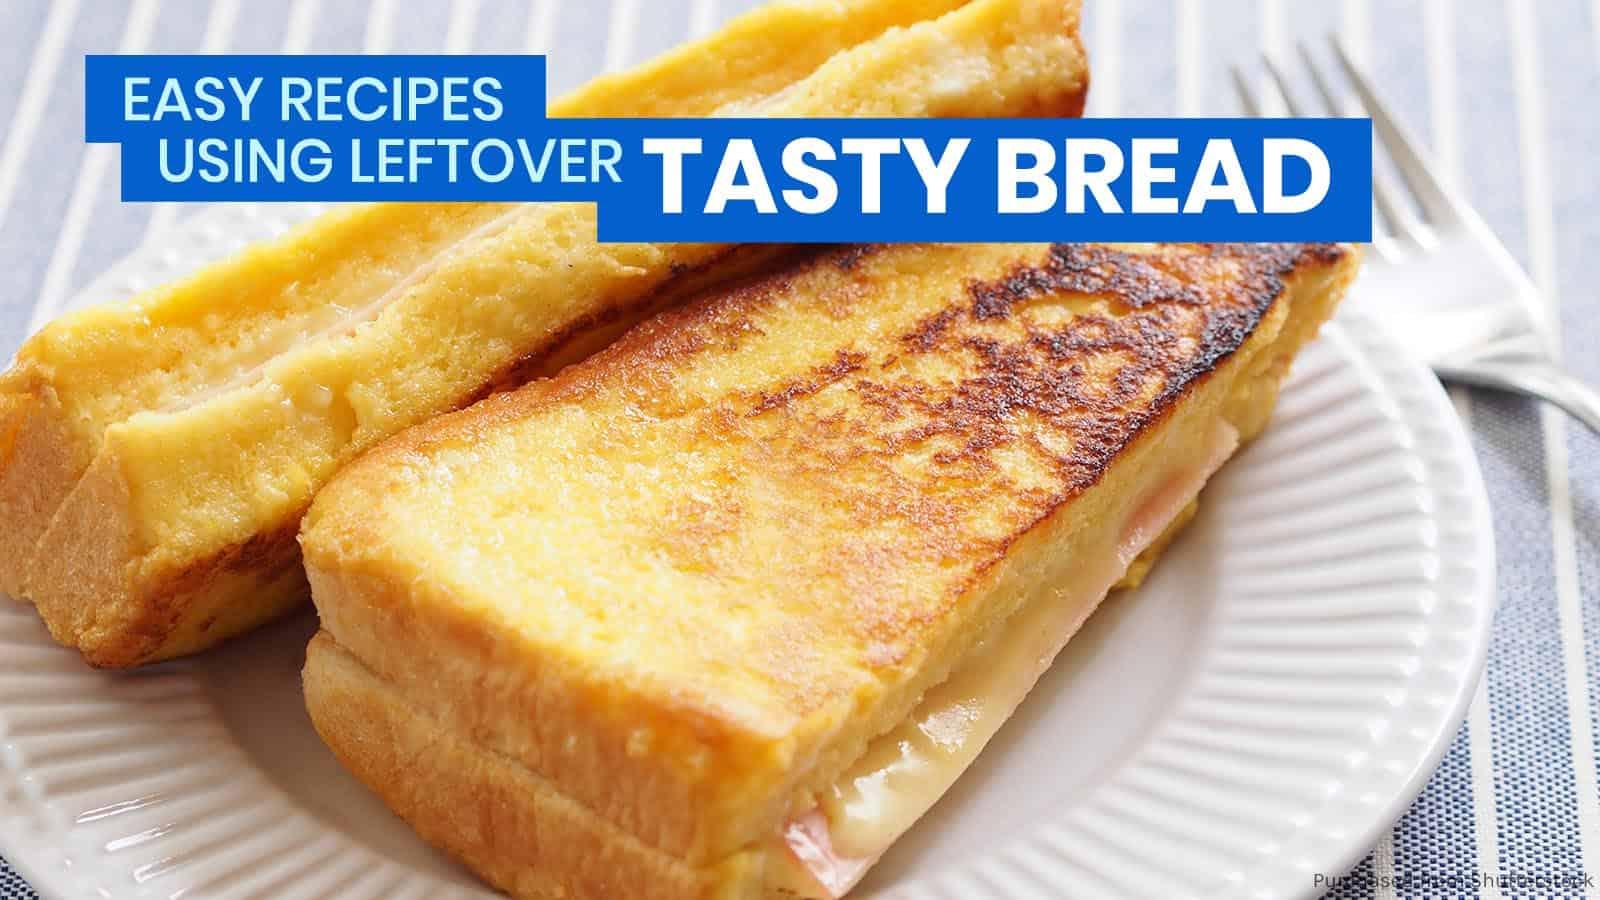 10个使用剩余美味面包的简易食谱 (YouTube汇编)   穷游者的行程安排博客